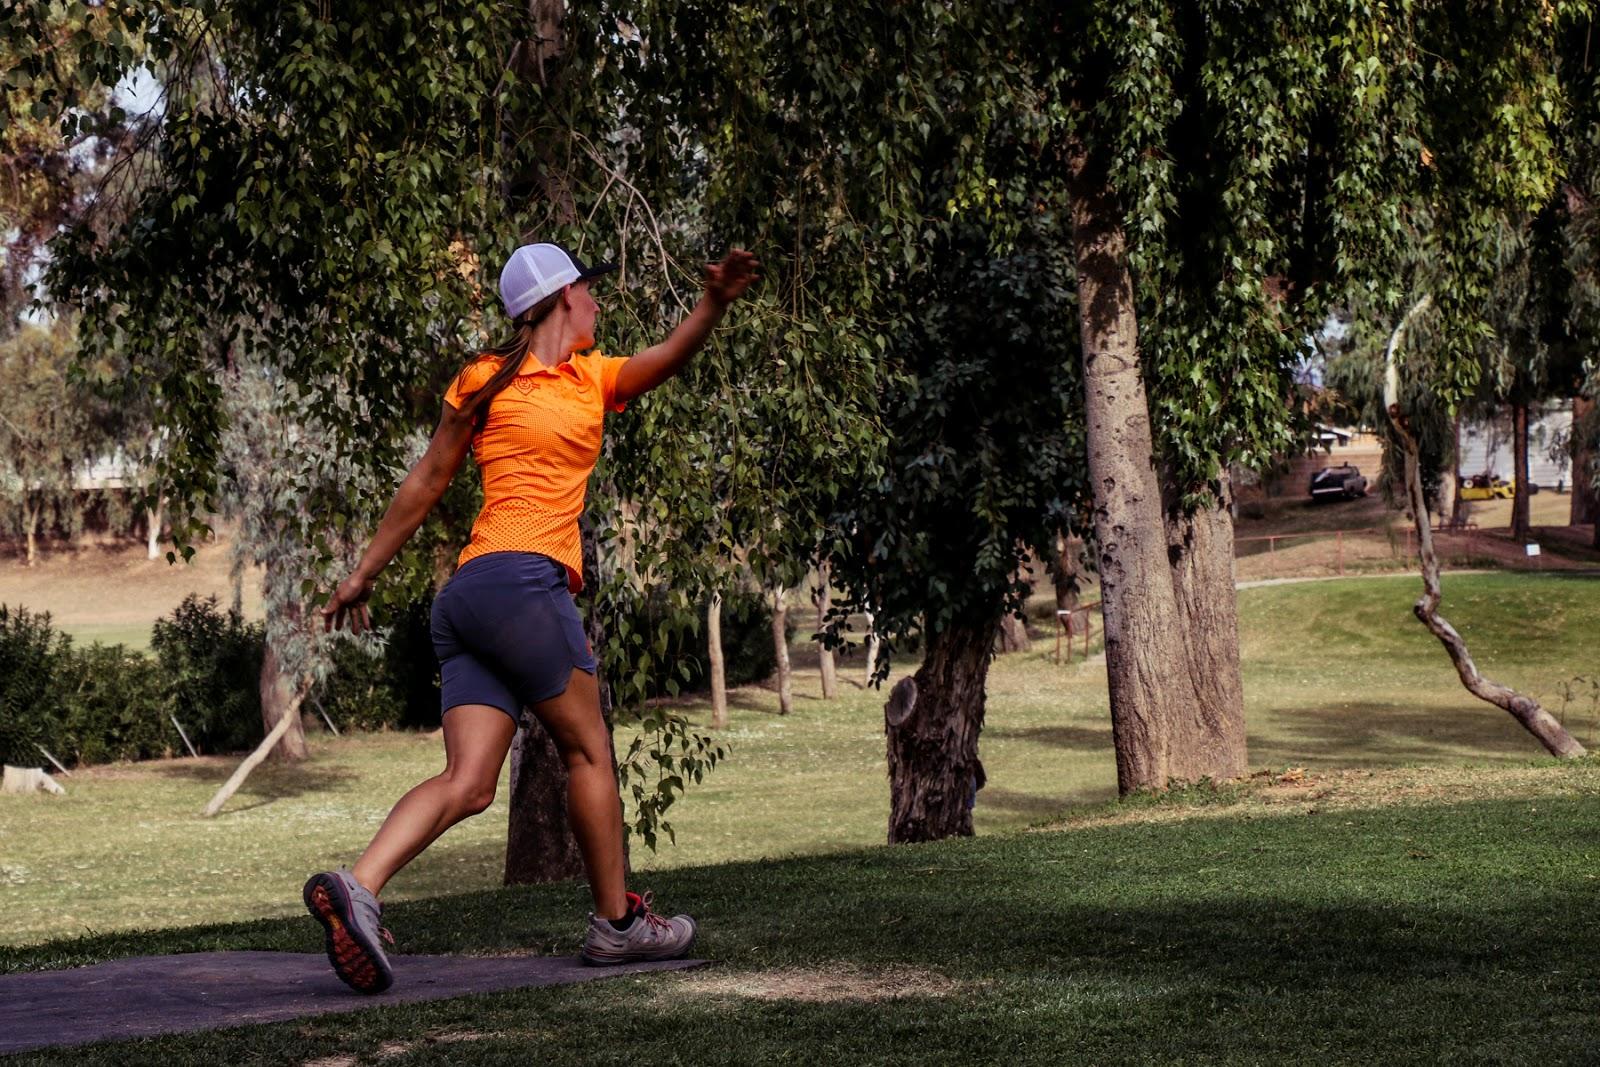 Golf is GREAT in Moldova - GOV.UK